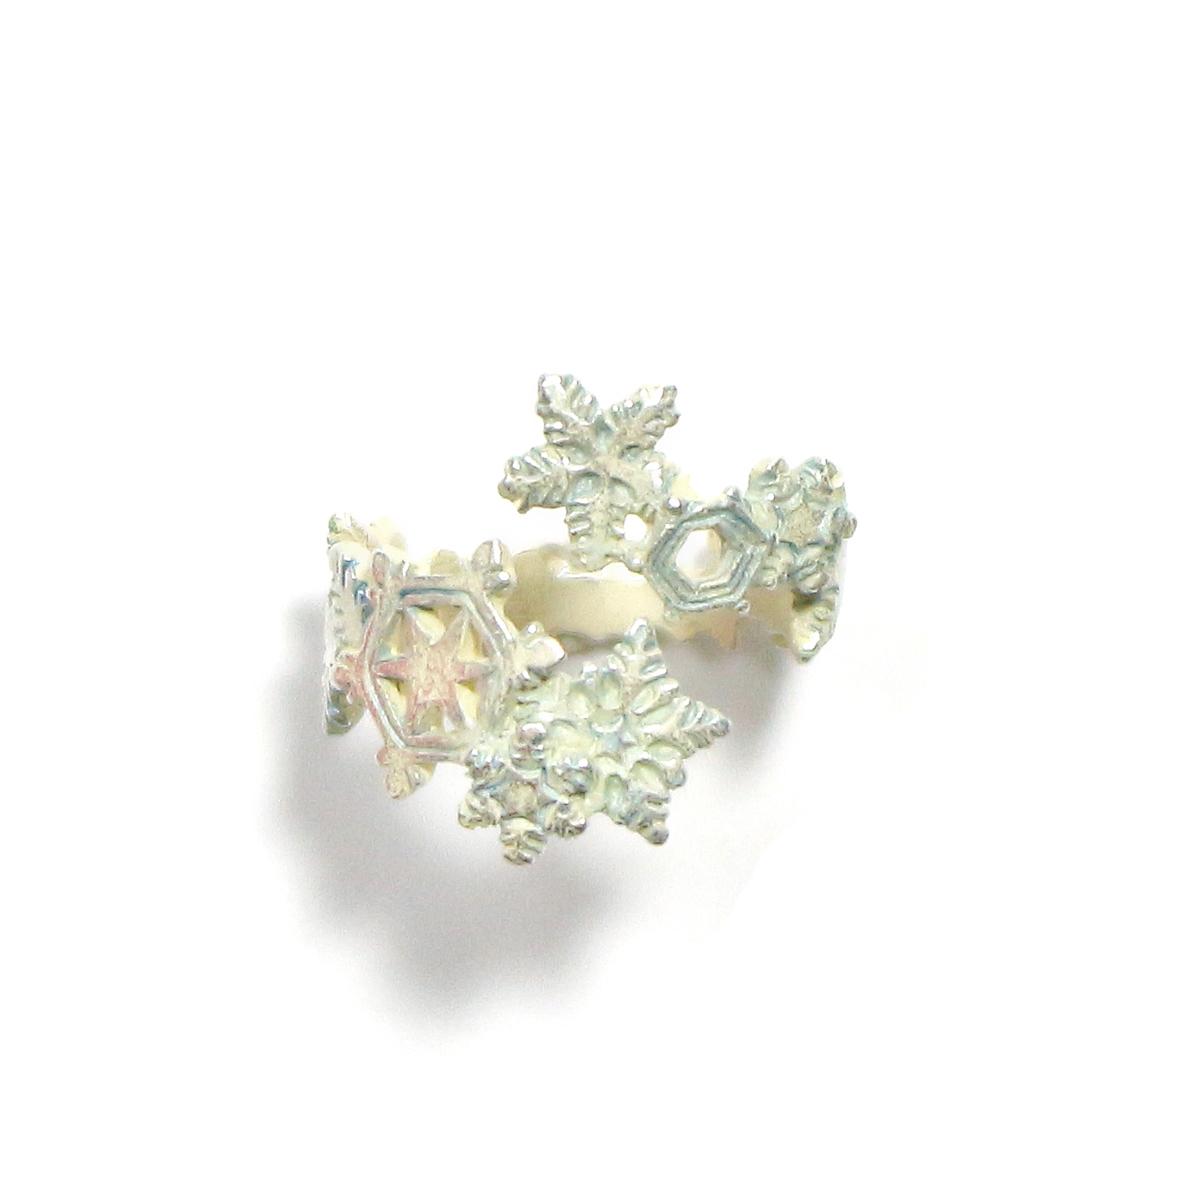 ダイアモンドダストリング/ リング(フリーサイズ)